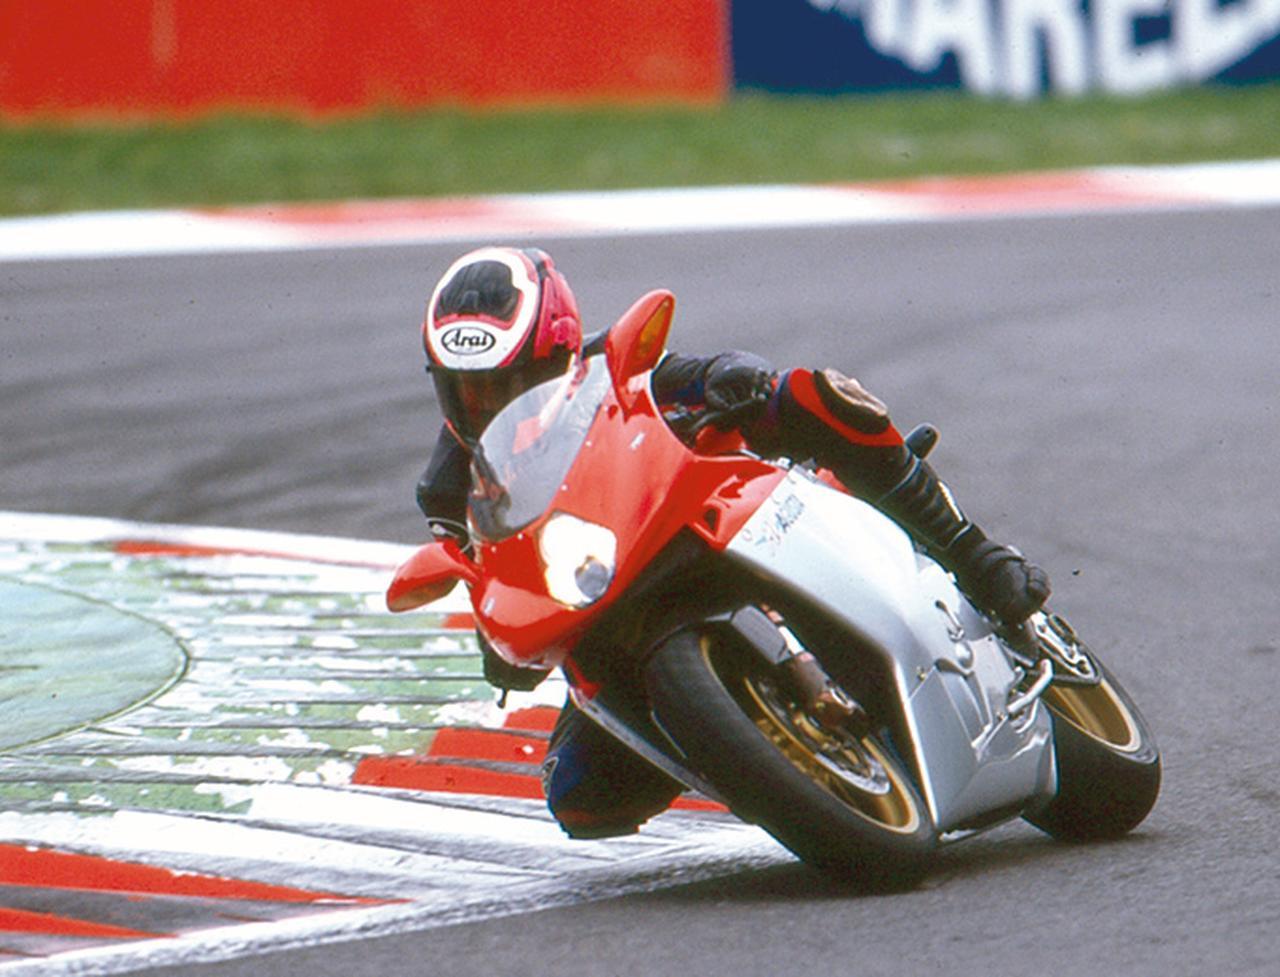 画像: 当時、その走りはまさに異次元。「イタリアの至宝」と呼ばれるだけのパフォーマンスだった。